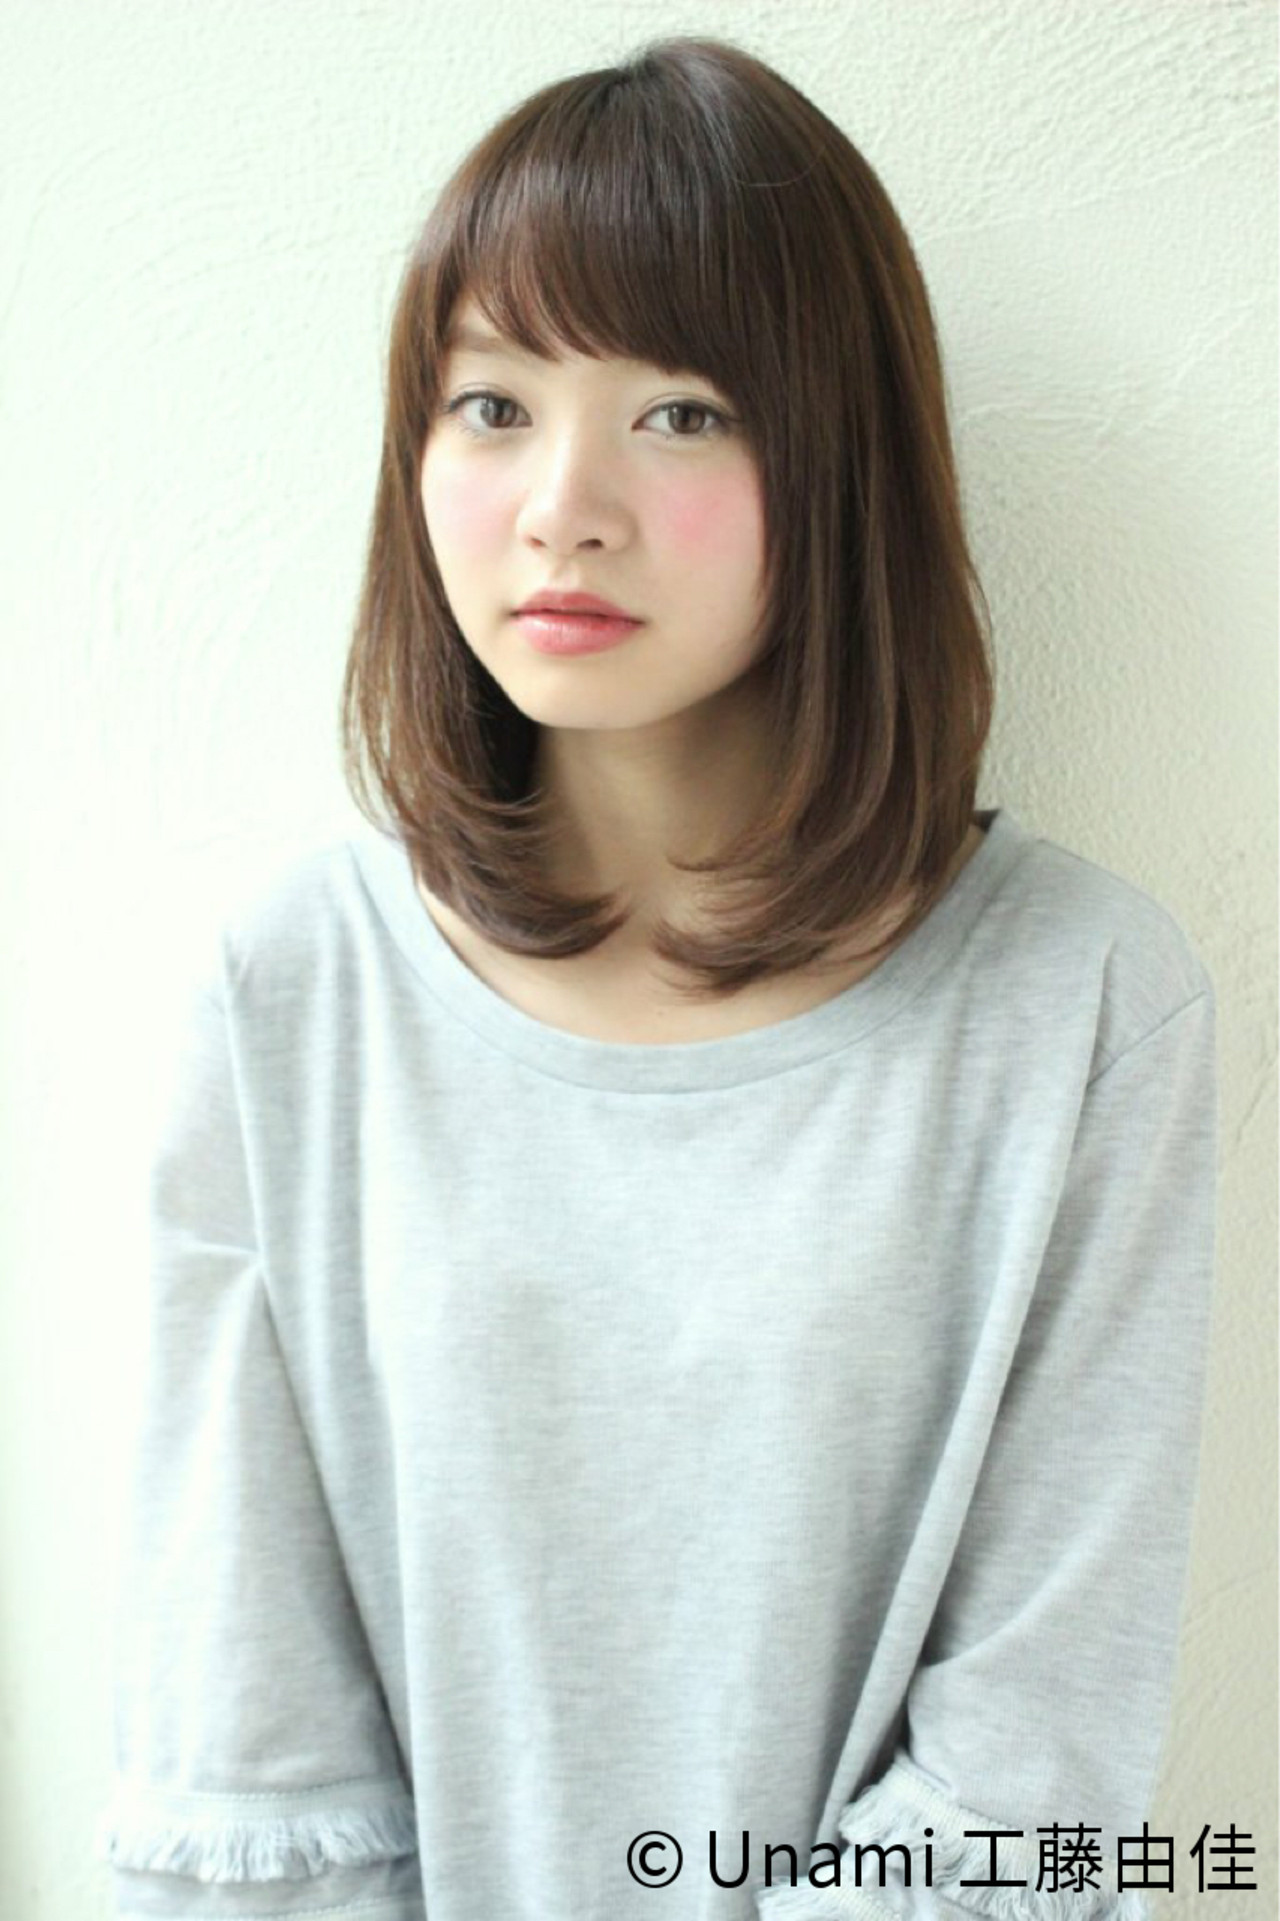 夏 ナチュラル ミディアム 愛され ヘアスタイルや髪型の写真・画像 | Unami 工藤由佳 / Unami omotesando